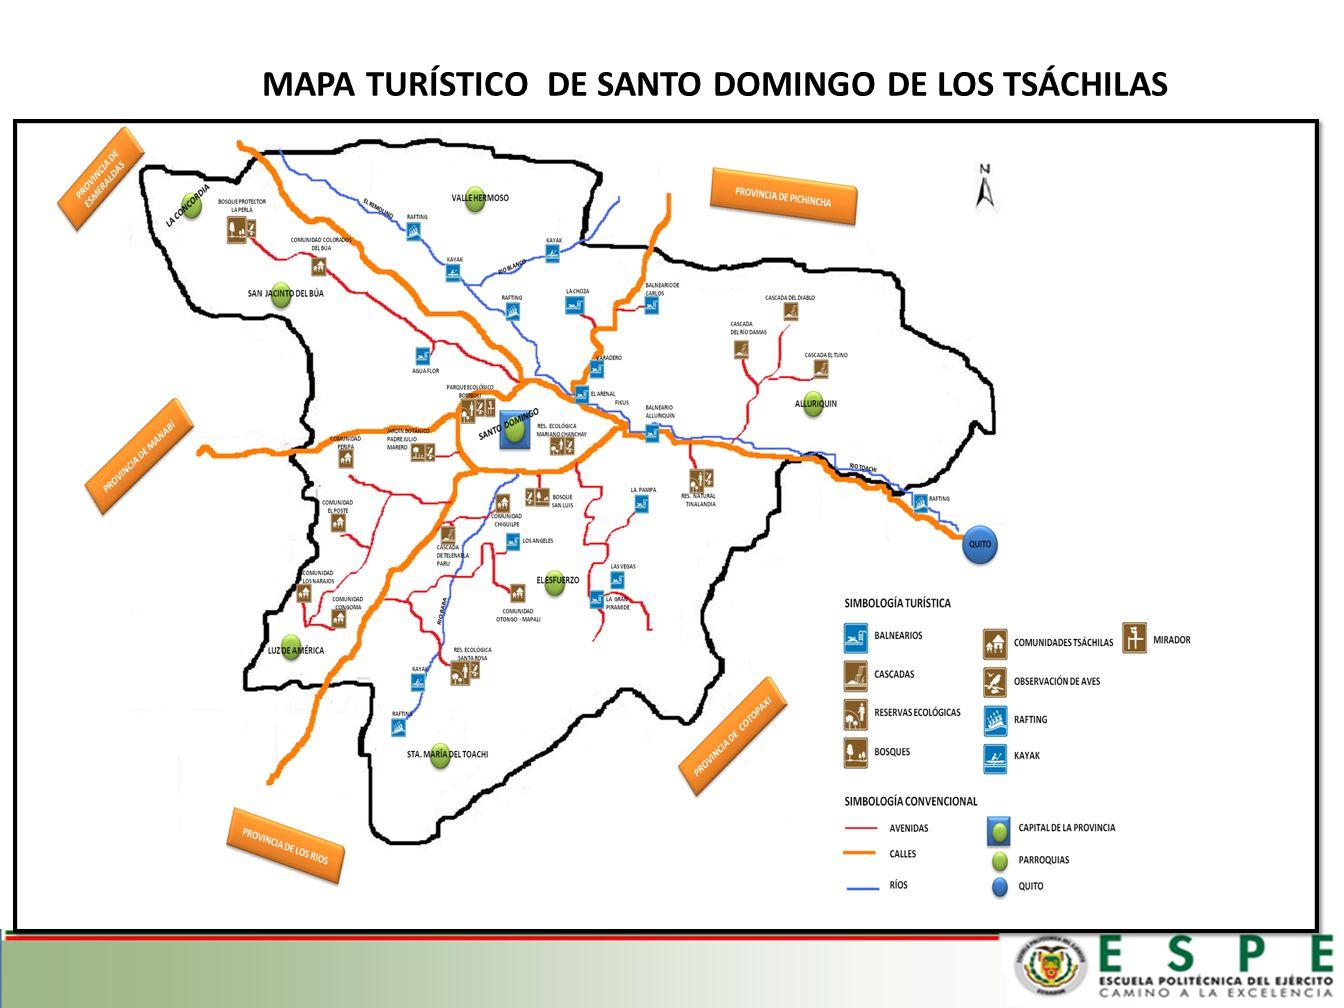 MARCO LEGAL PARA EL DESARROLLO TURÍSTICO EN SANTO DOMINGO DE LOS TSÁCHILAS CONSTITUCIÓN DEL ECUADOR LEYES REGLAMENTO PLAN NACIONAL DEL BUEN VIVIR ECOTURISMO Y SOSTENIBILIDAD PROMOCIÓN TURÍSTICA LEY DE CULTURA LEY DE GESTIÓN AMBIENTAL REGLAMENTO GENERAL A LA LEY DE TURISMO REGLAMENTO GENERAL DE ACTIVIDADES TURÍSTICAS